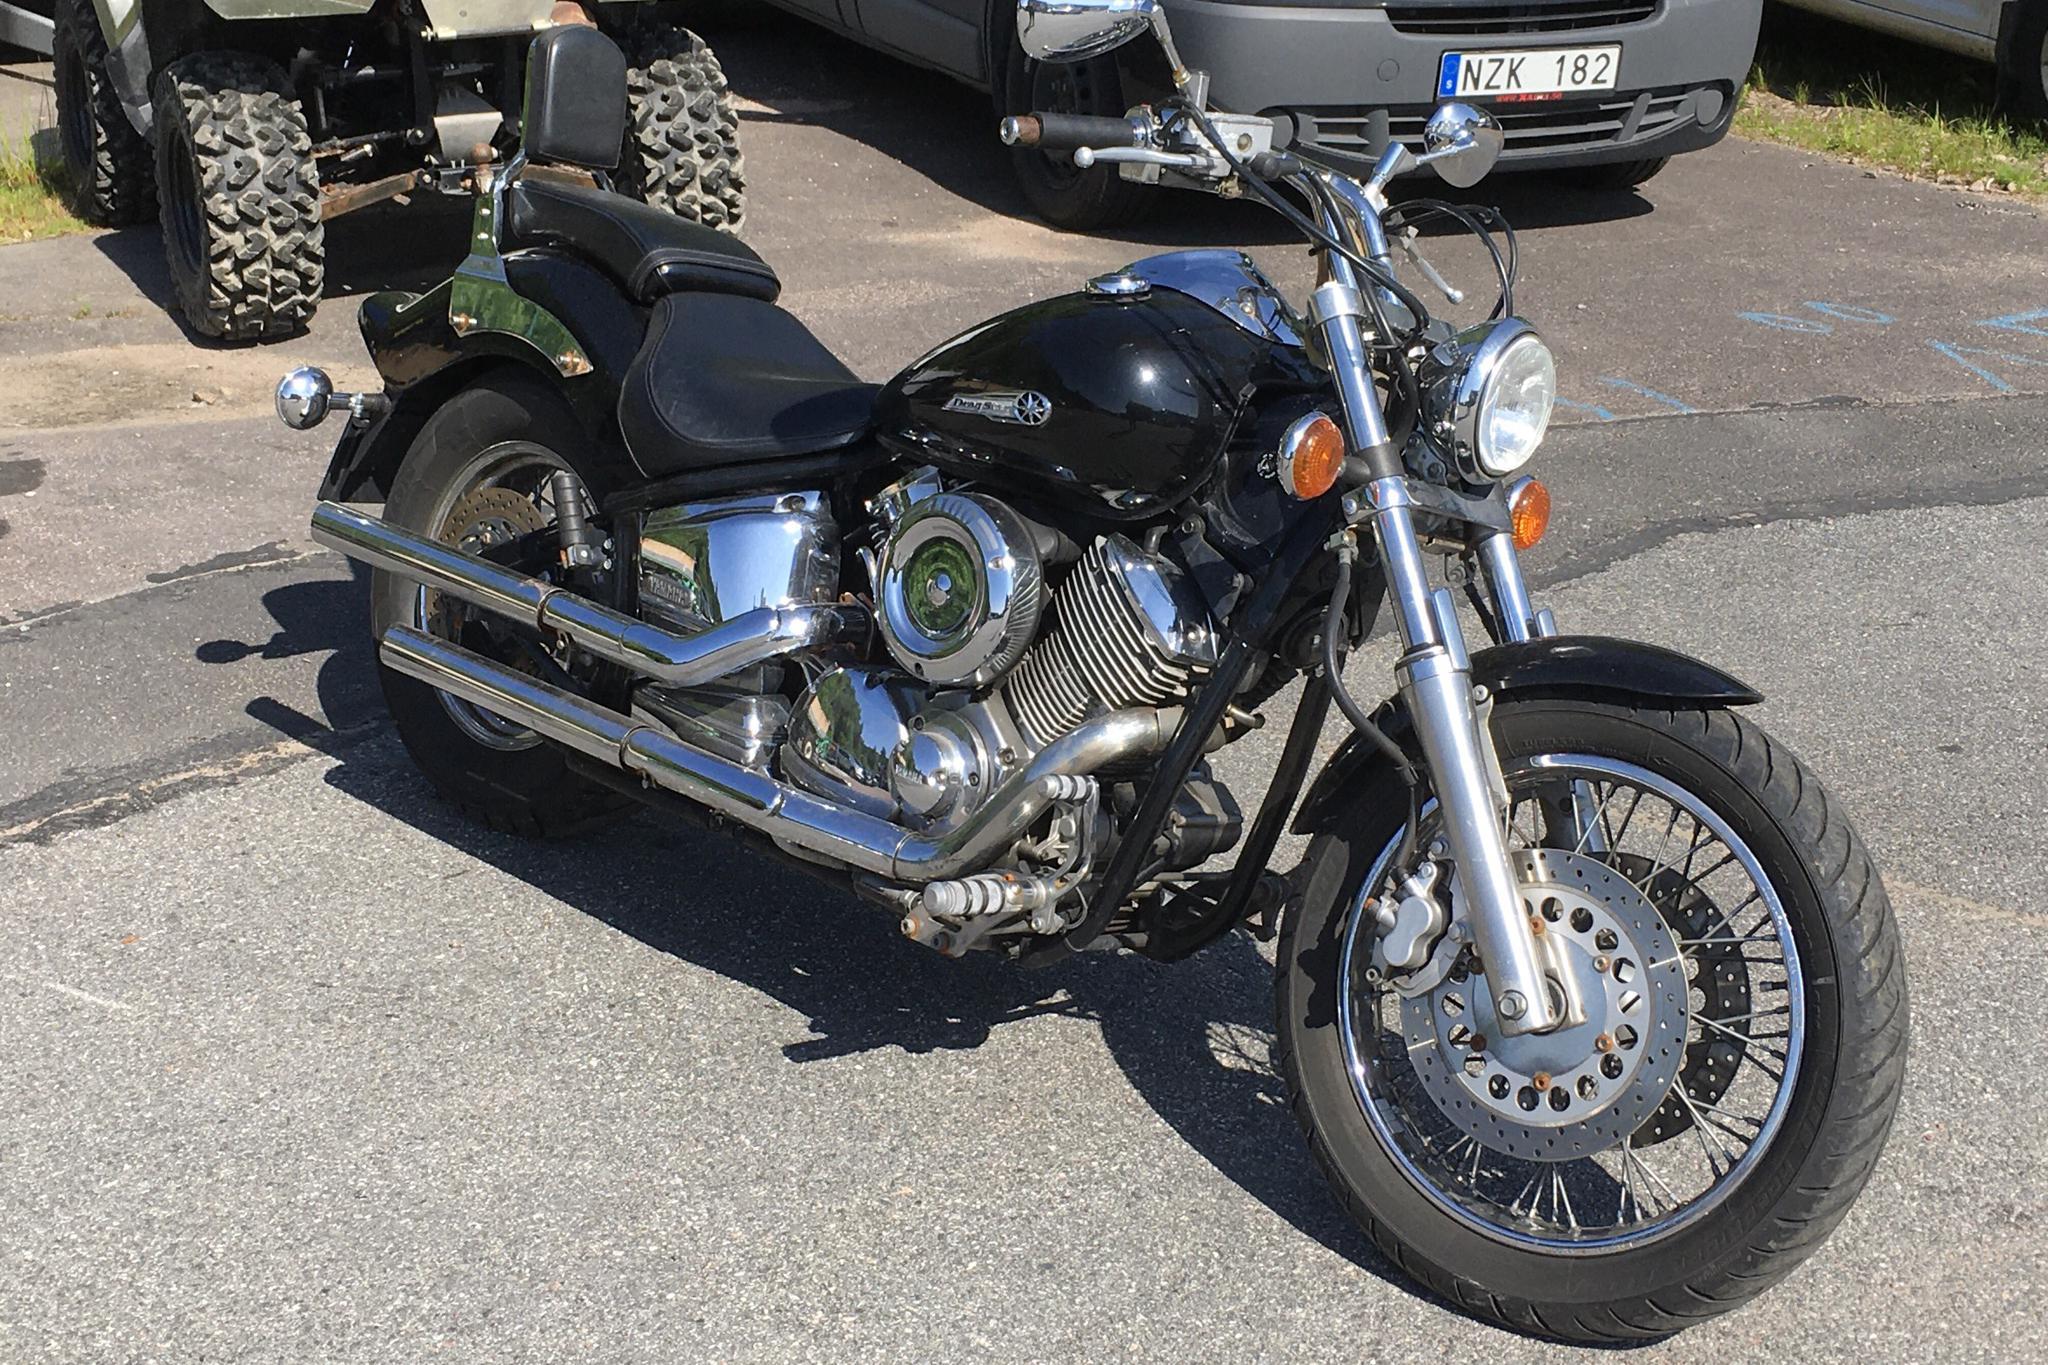 YAMAHA XVS 1100 DRAGSTAR Motorcykel (Rep.objekt)